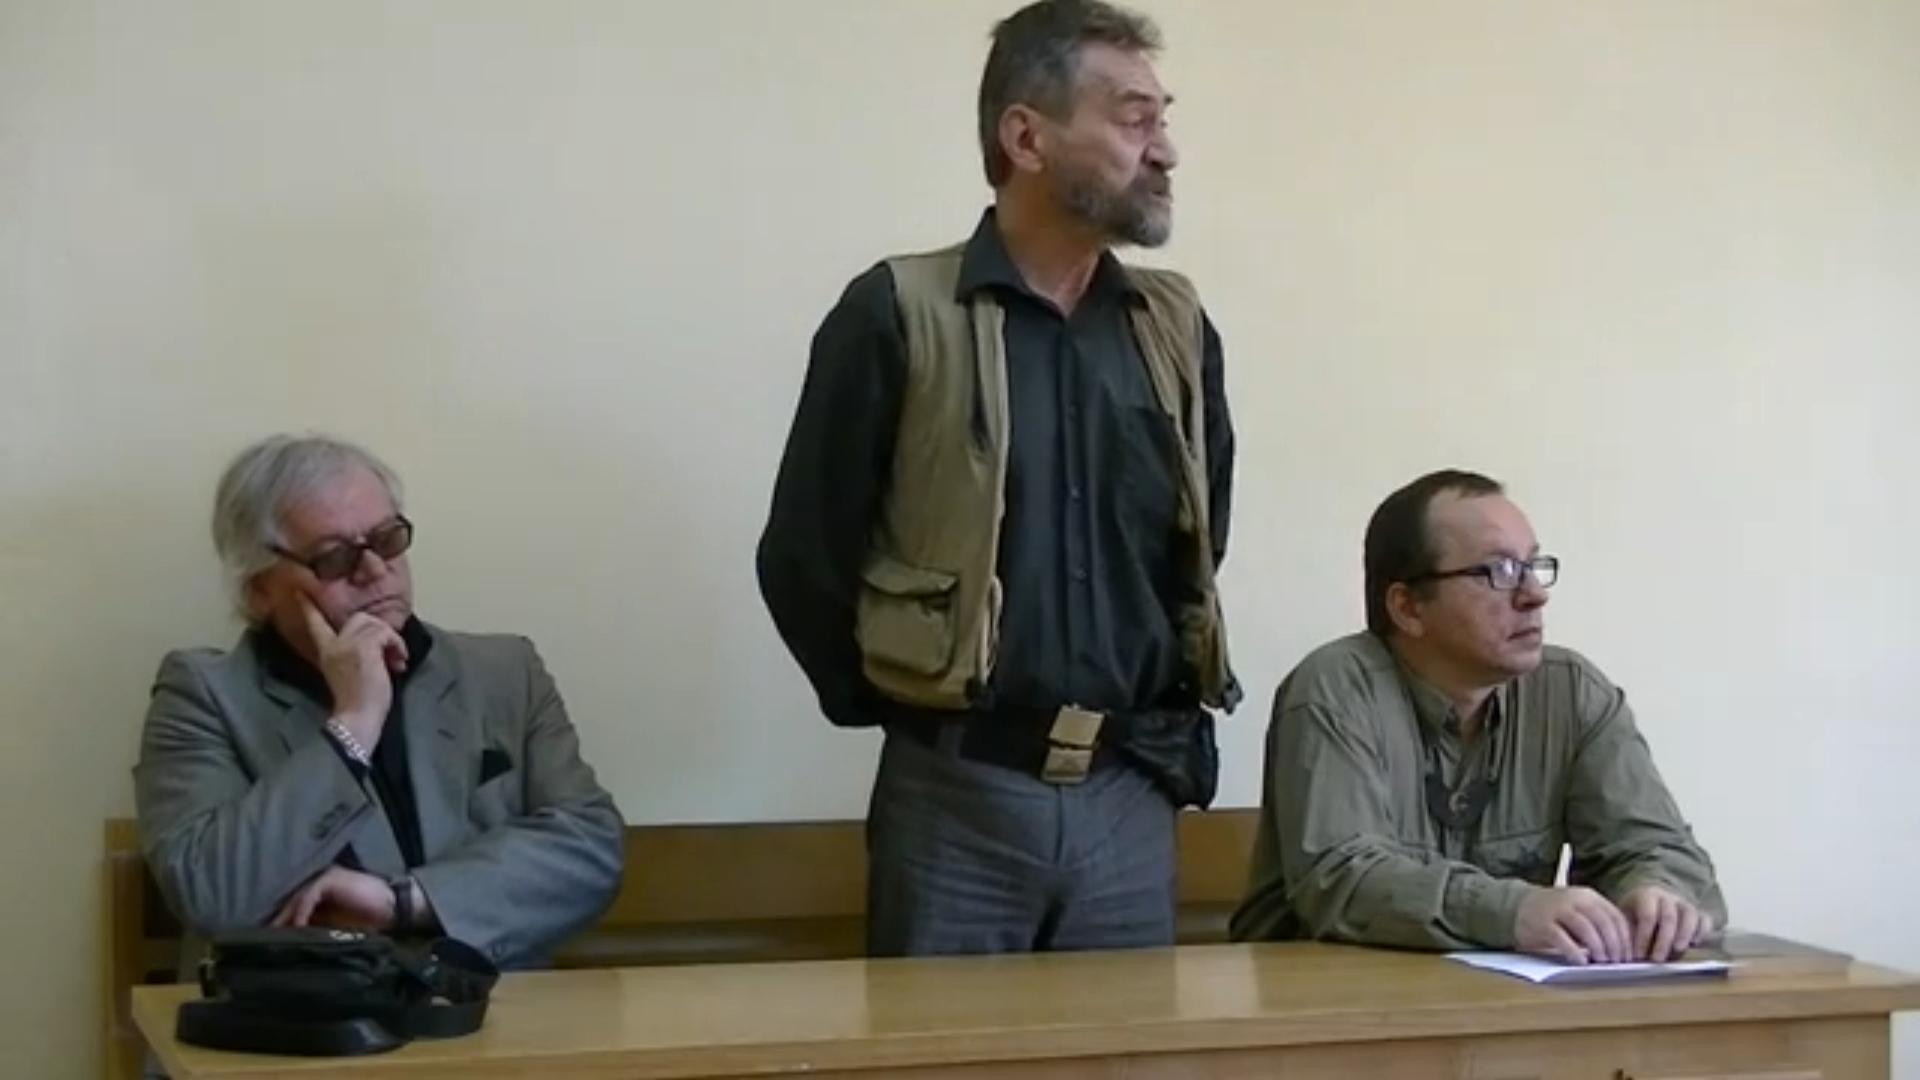 WOLNY CZYN: Bliżej do ukarania sprawców represji za 17 września